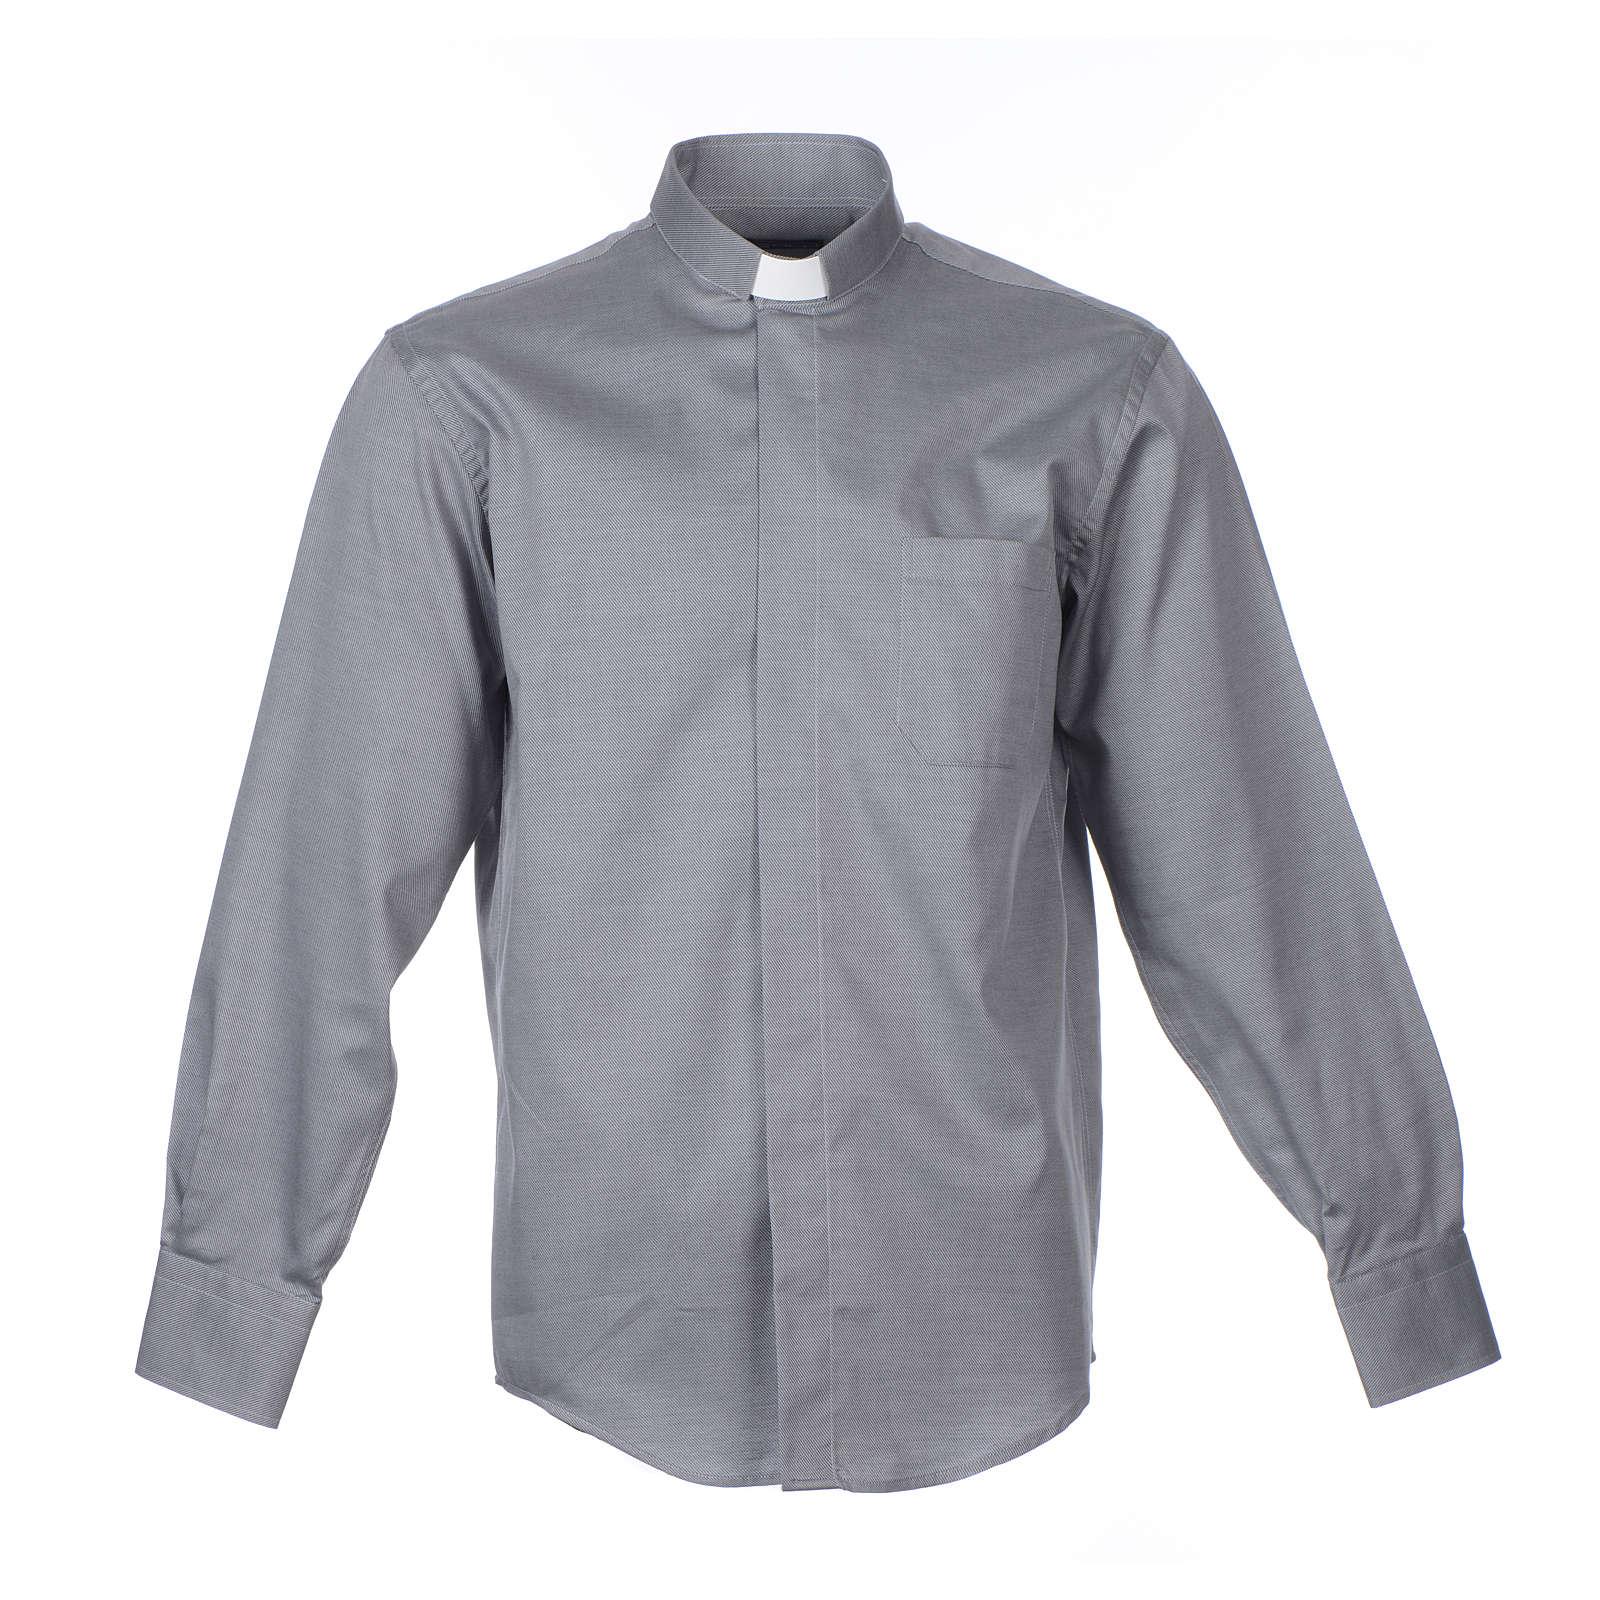 Chemise clergy m. longues Repassage facile Diagonale Mixte coton Gris 4